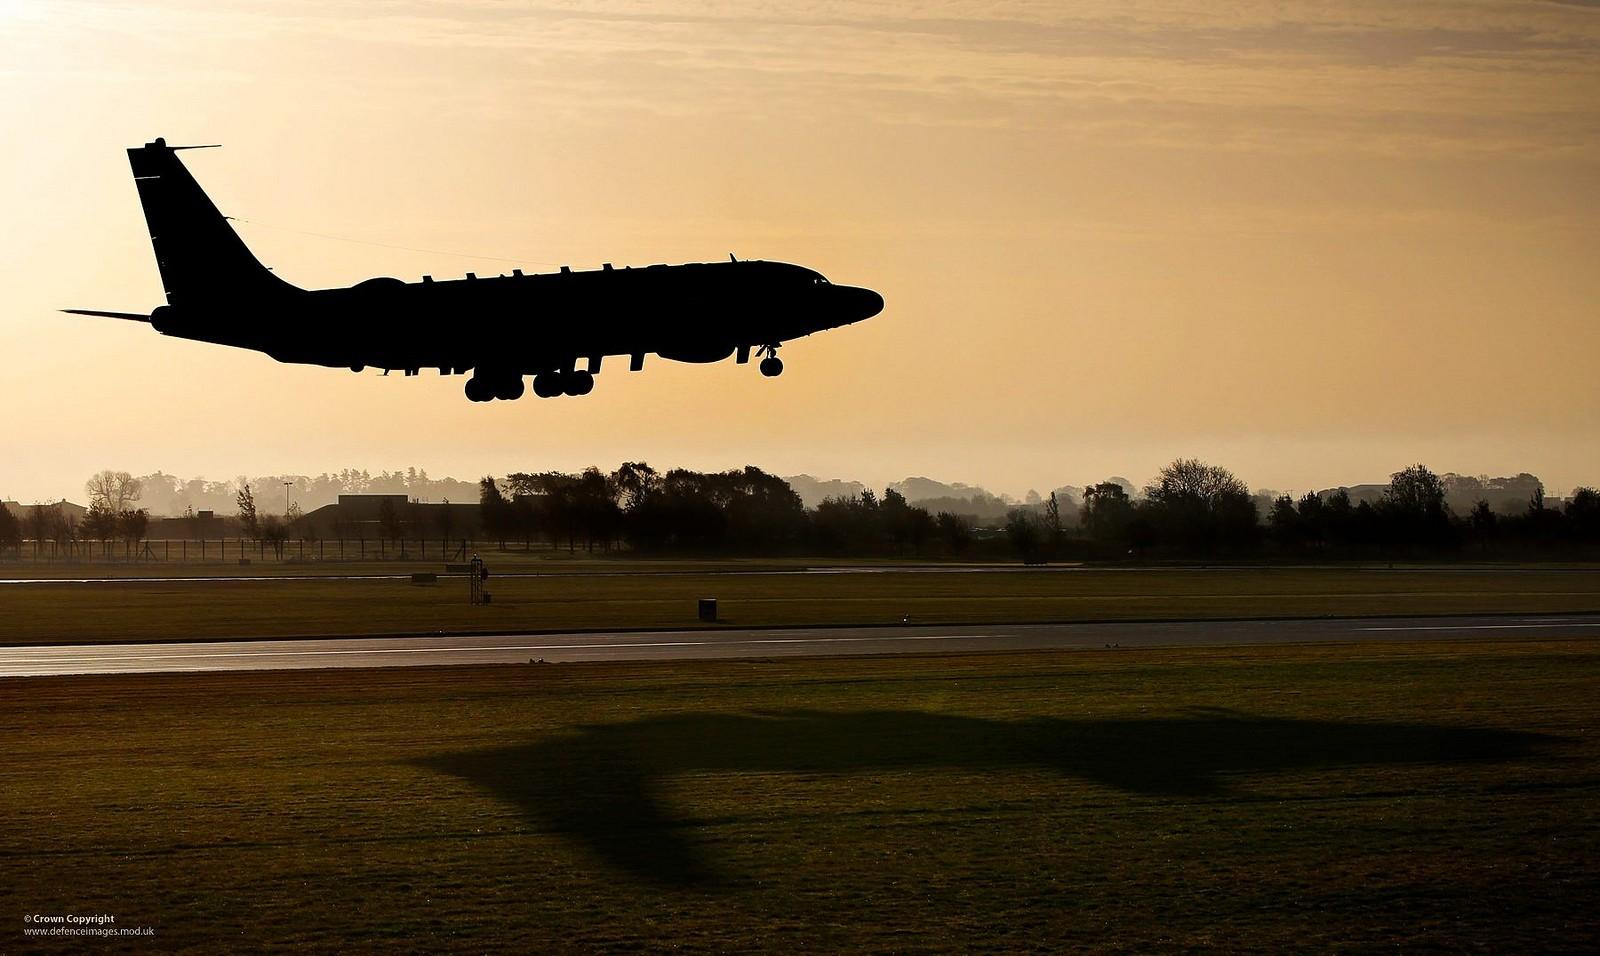 잠정 비행승인을 받은 영국 공군의 리벳 조인트